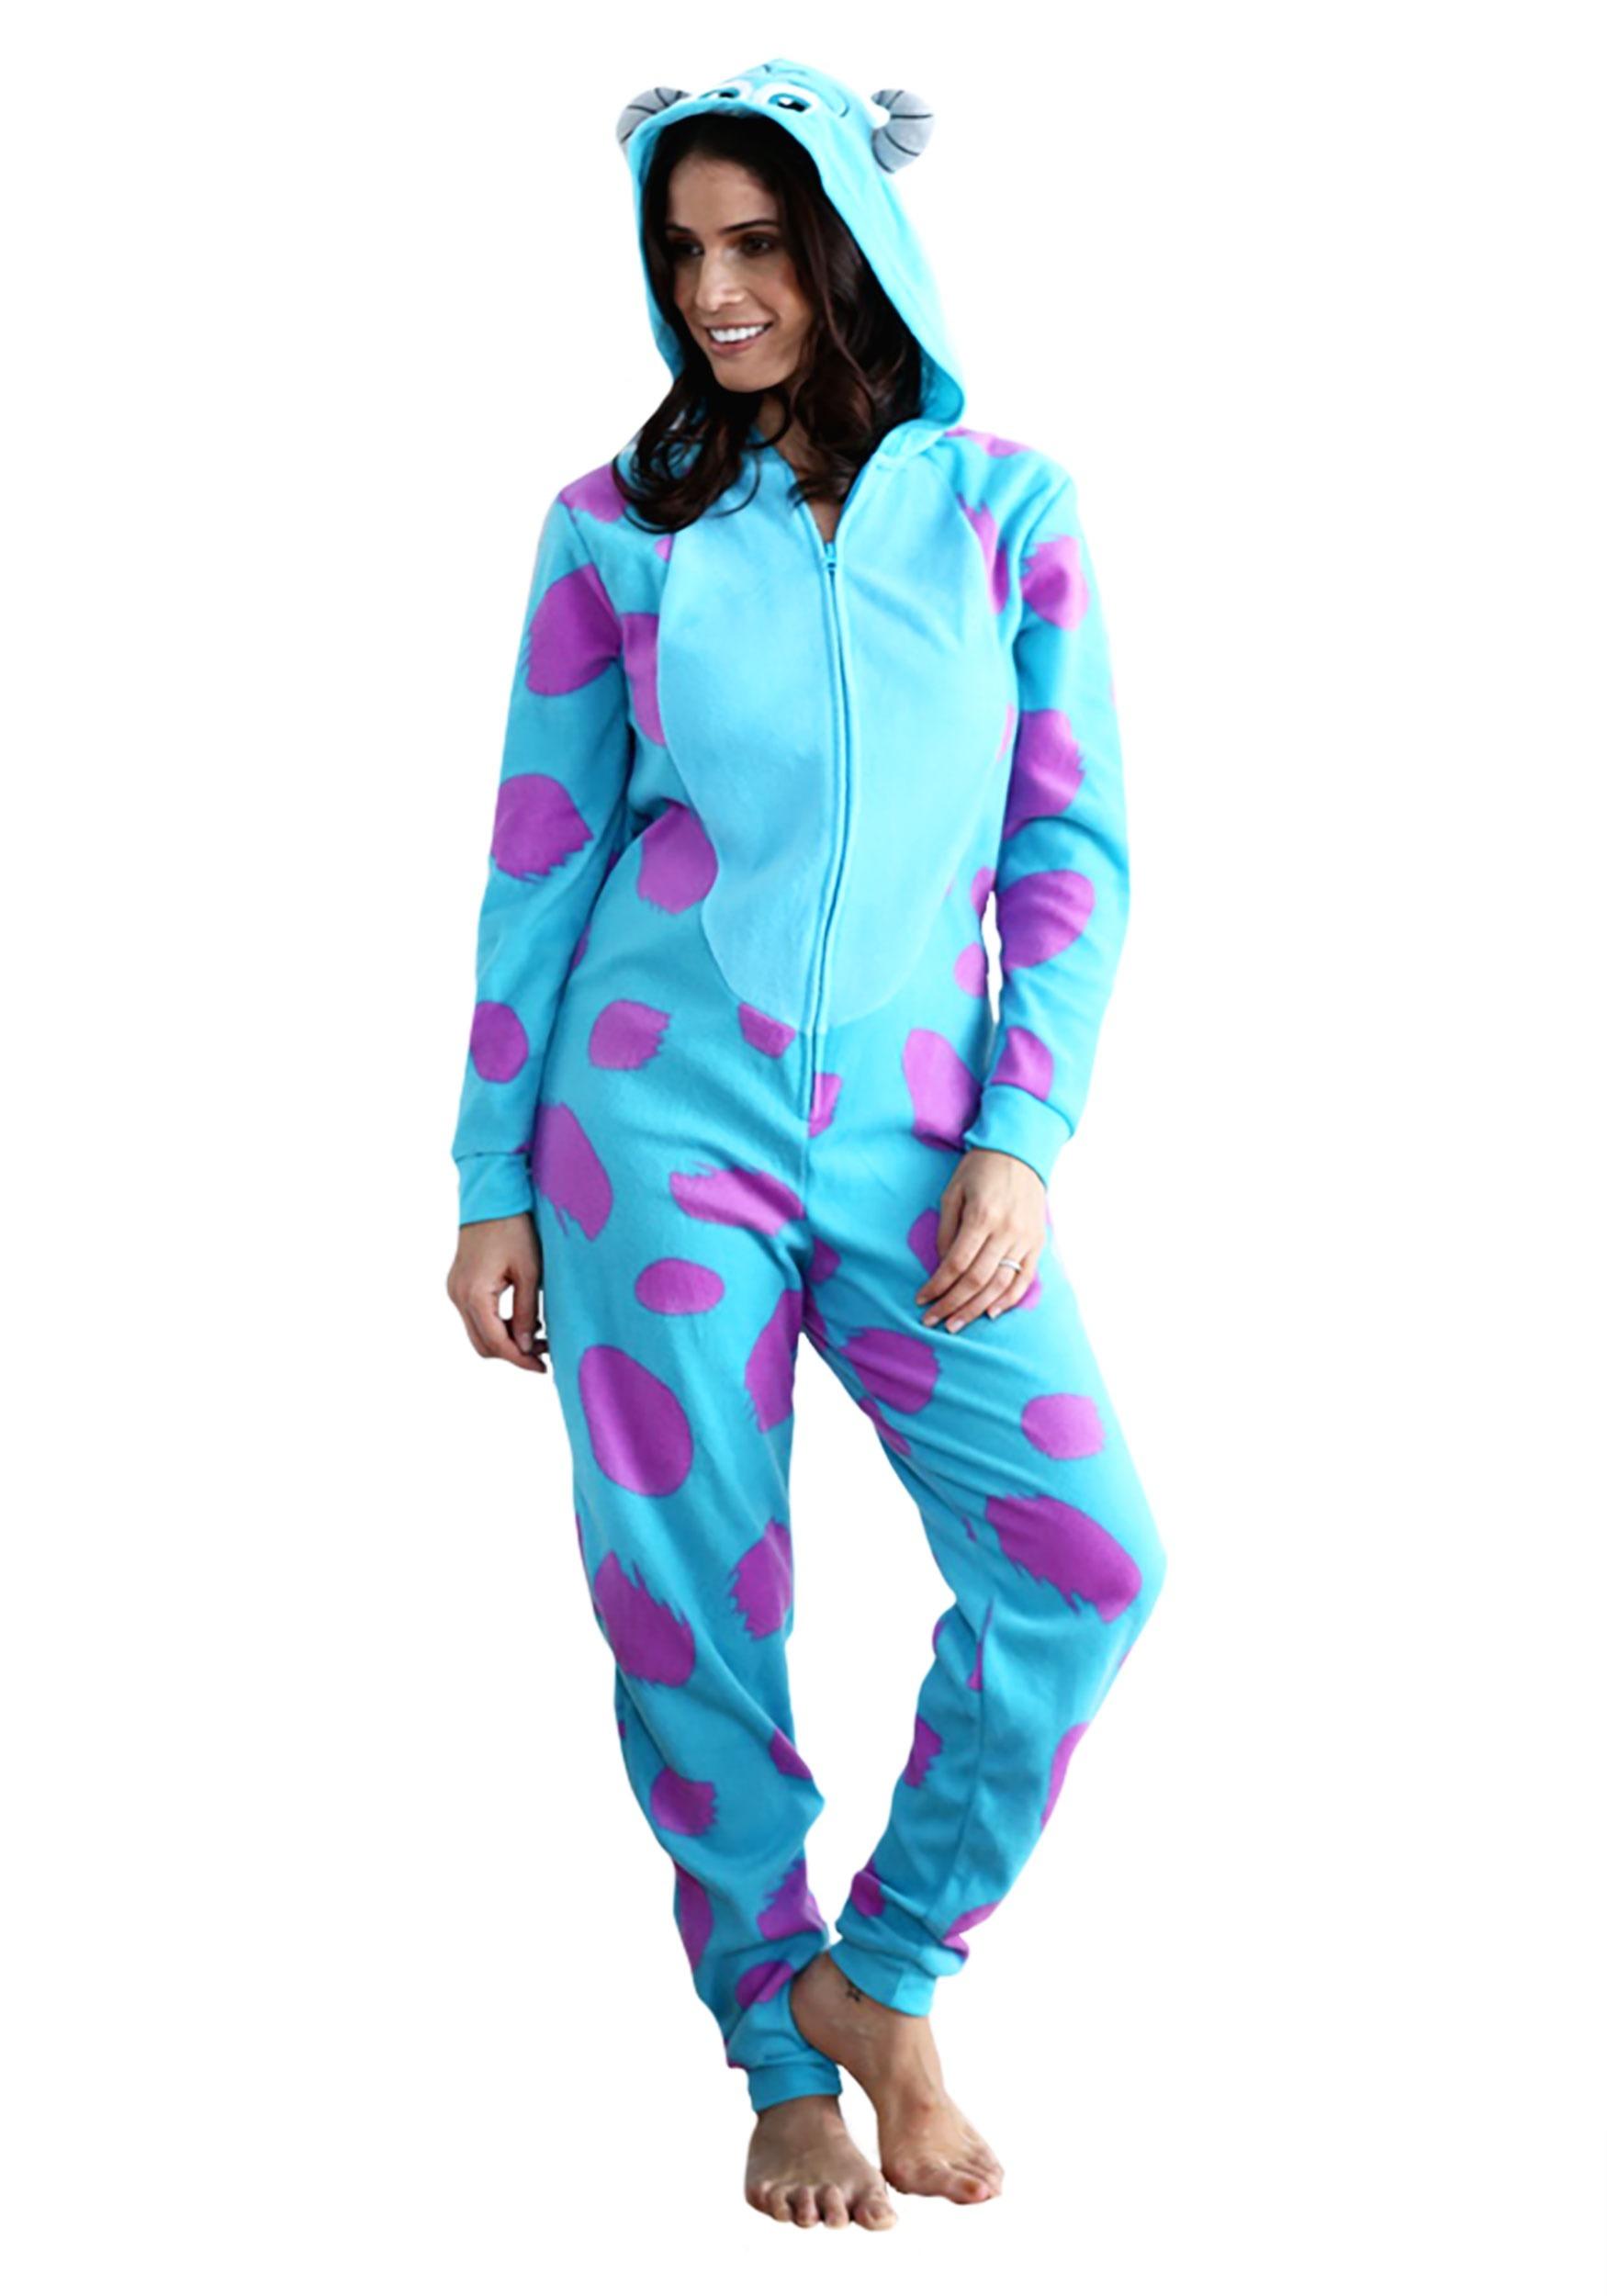 Sulley Pajama Costume for Women 049de6589f7d